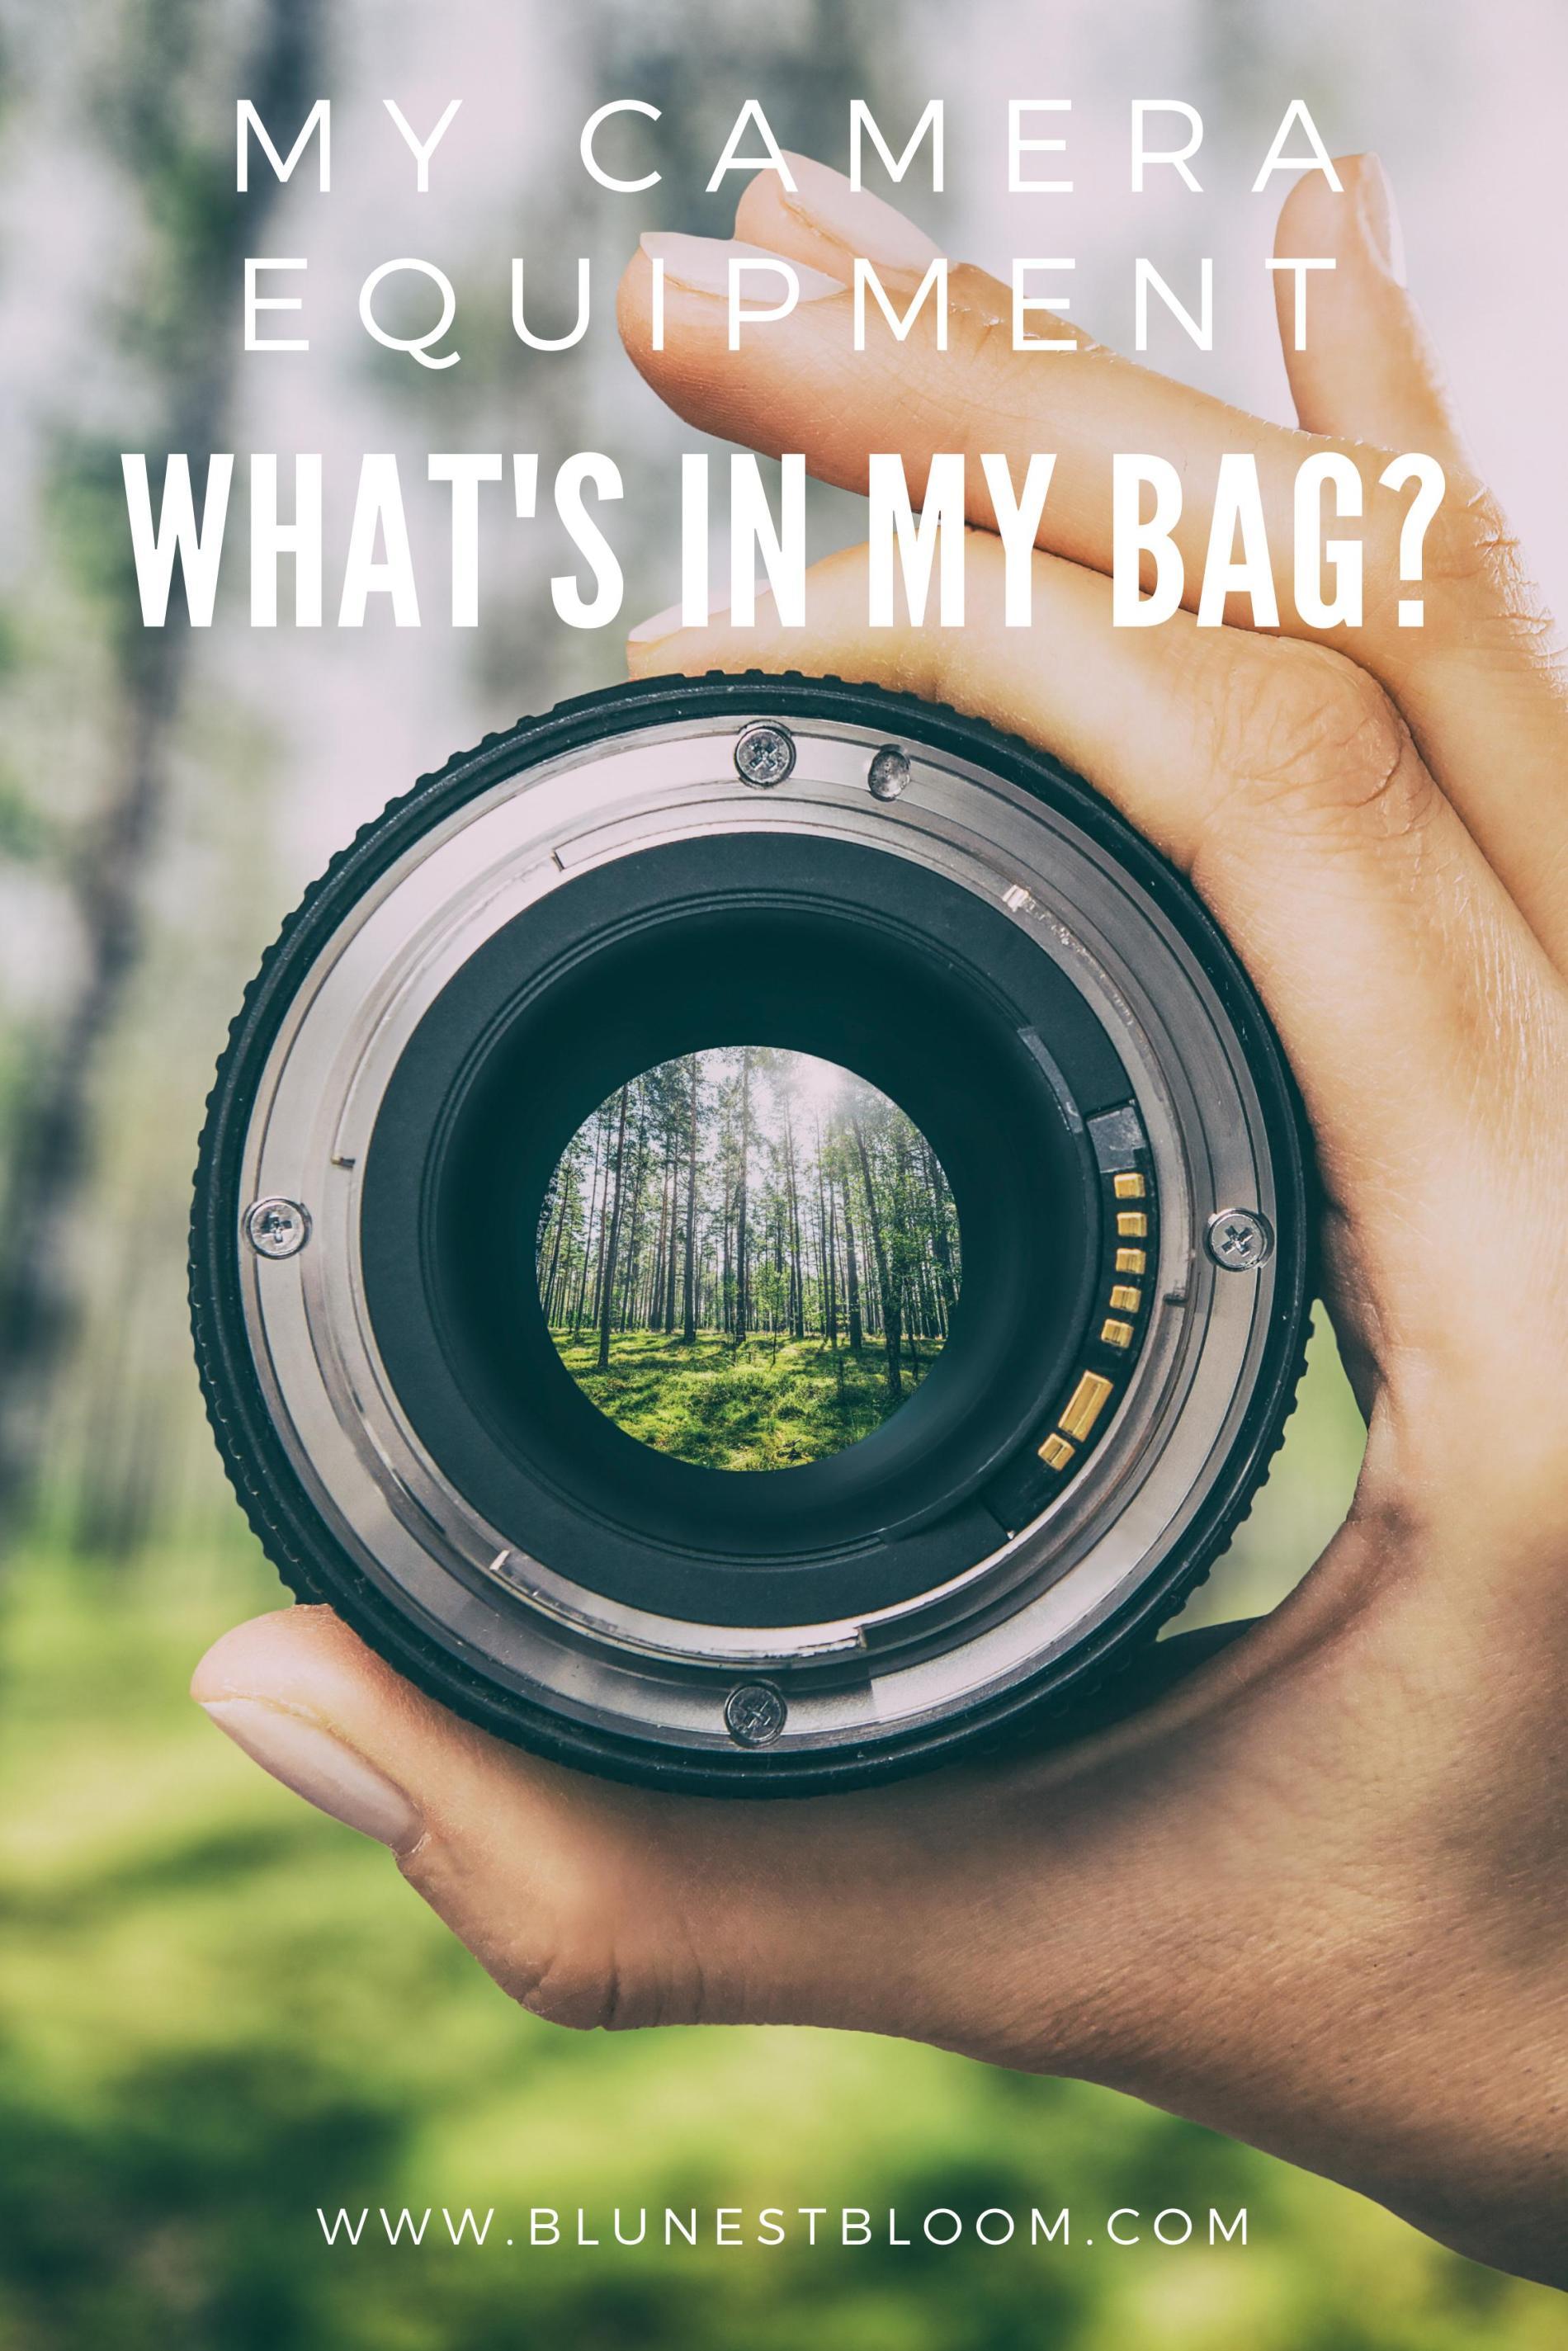 My Camera Equipment